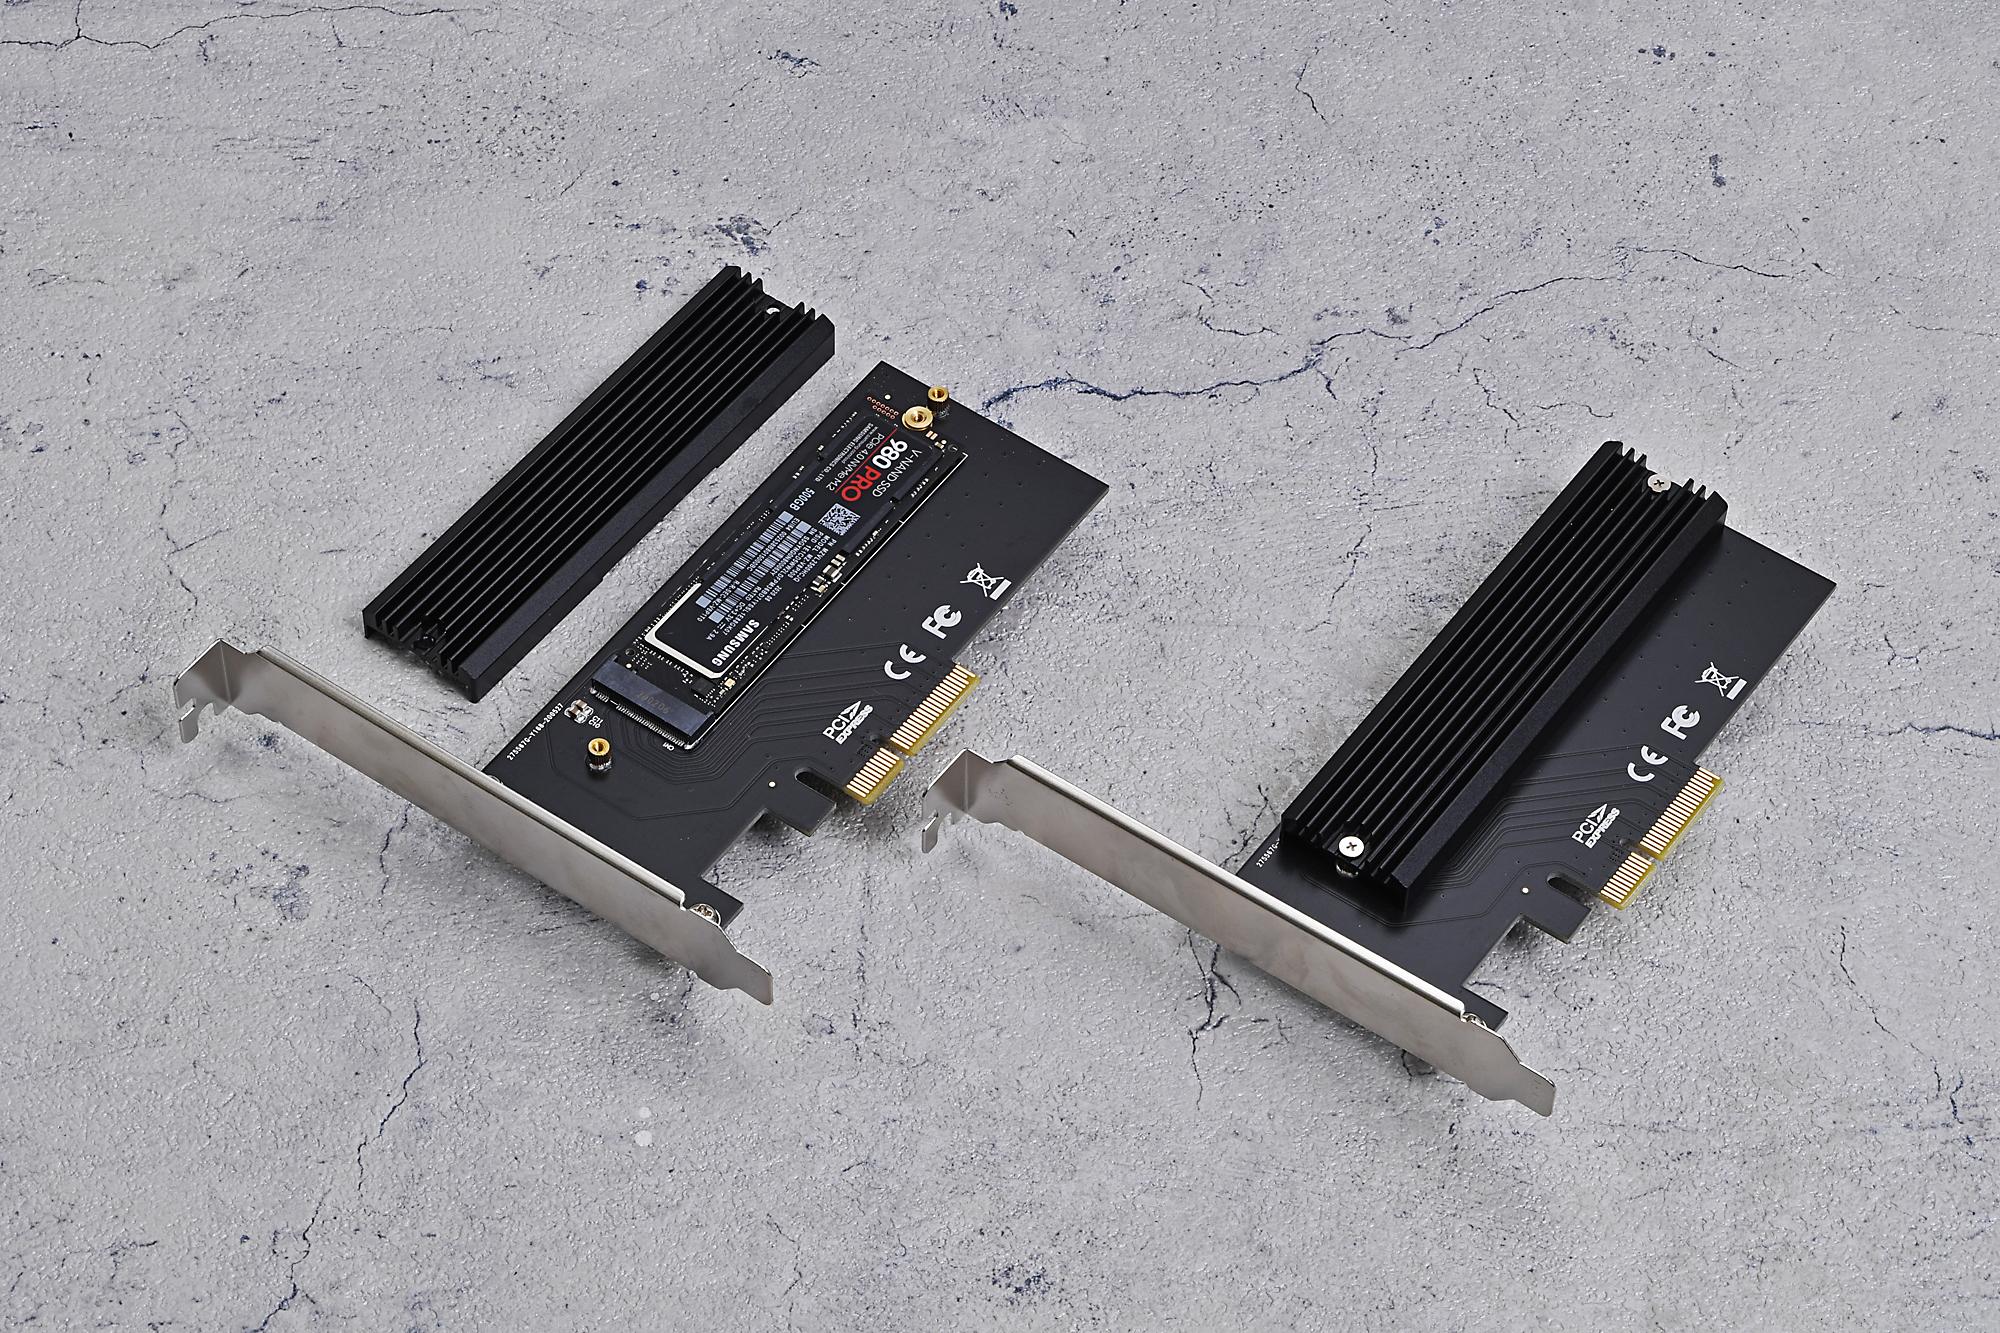 アイネックスの「AIF-10」。NVMe対応のM.2スロットを1基備え、冷却用のヒートシンクも付属する。PCI Express 4.0にも対応する拡張カードだ